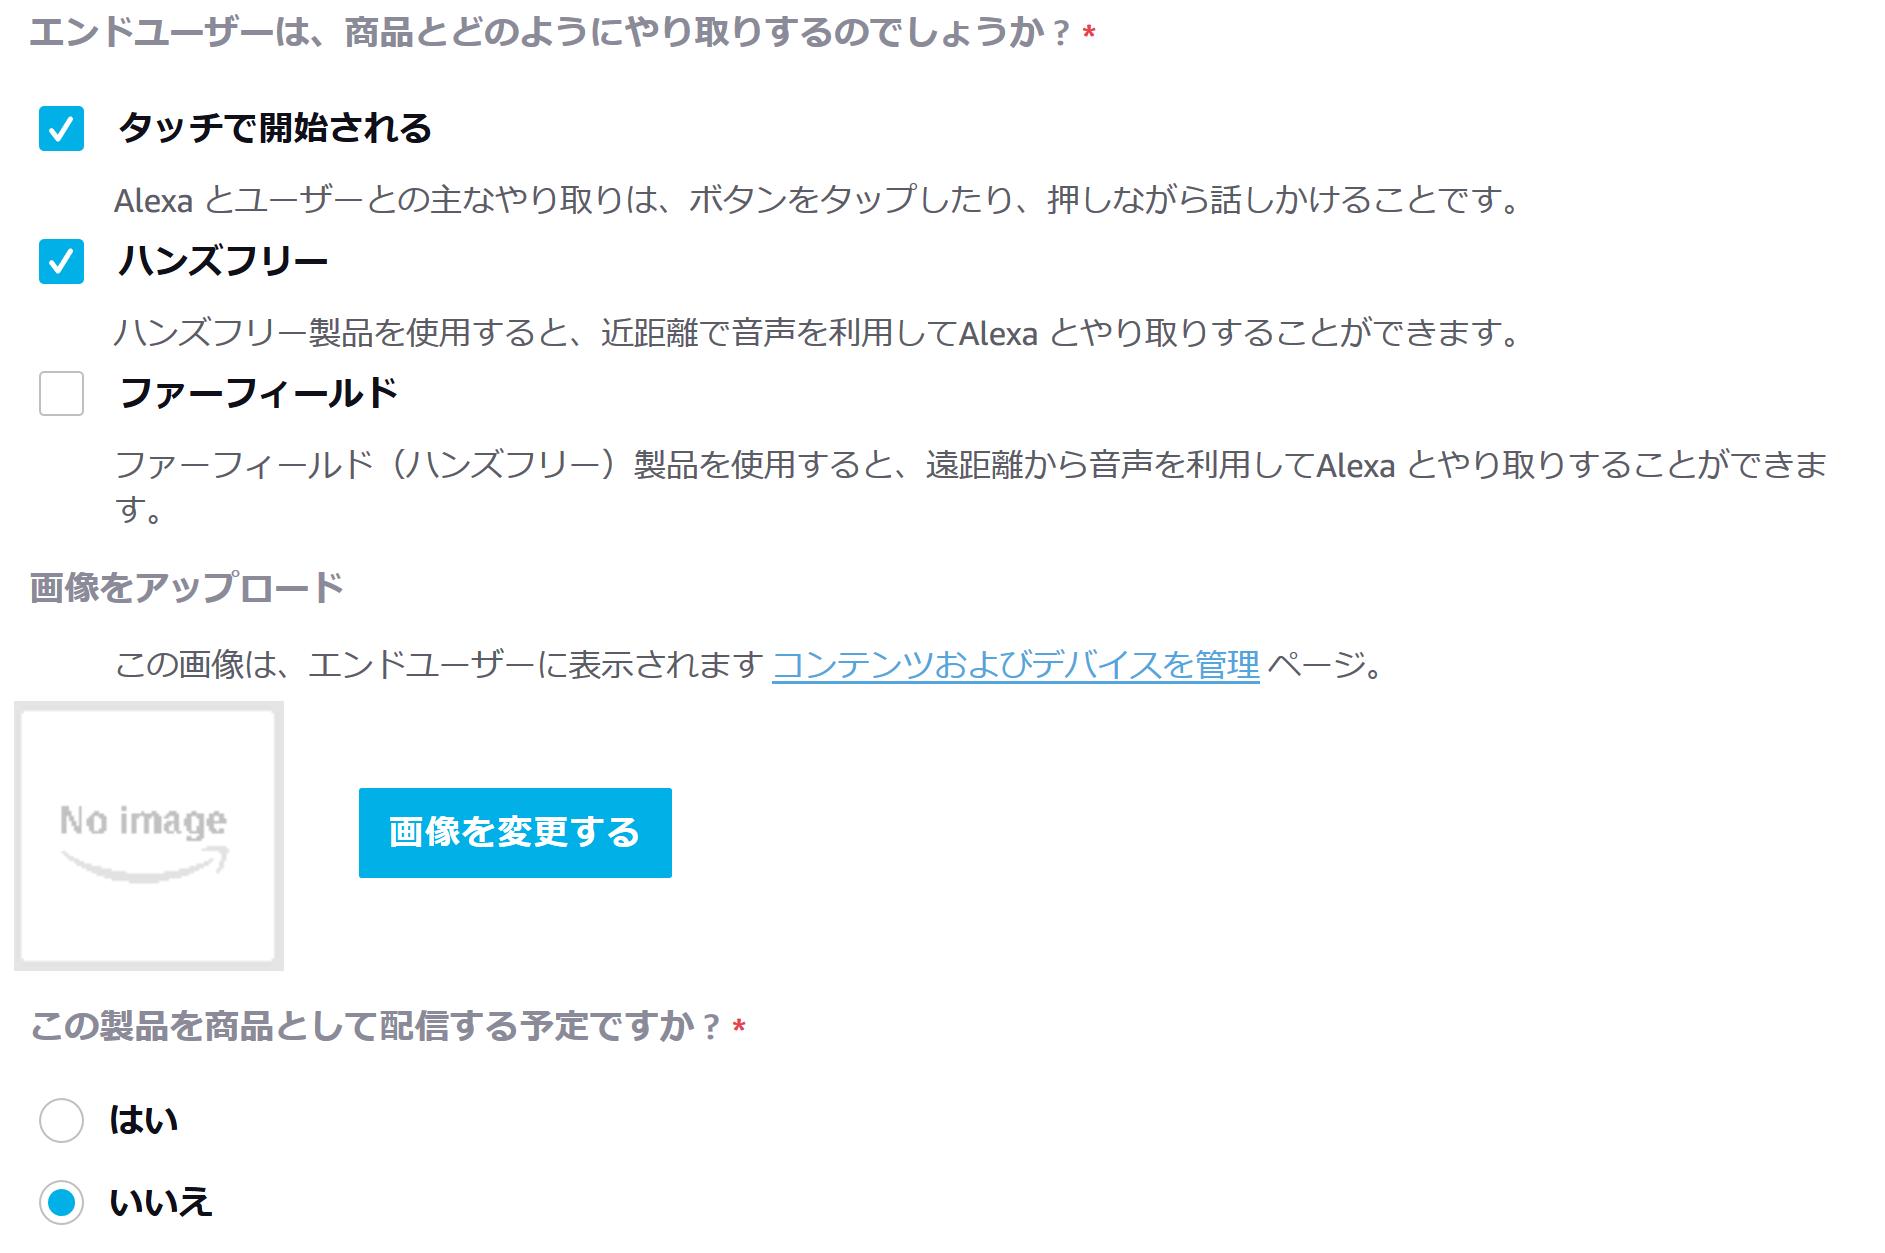 スクリーンショット (4).png